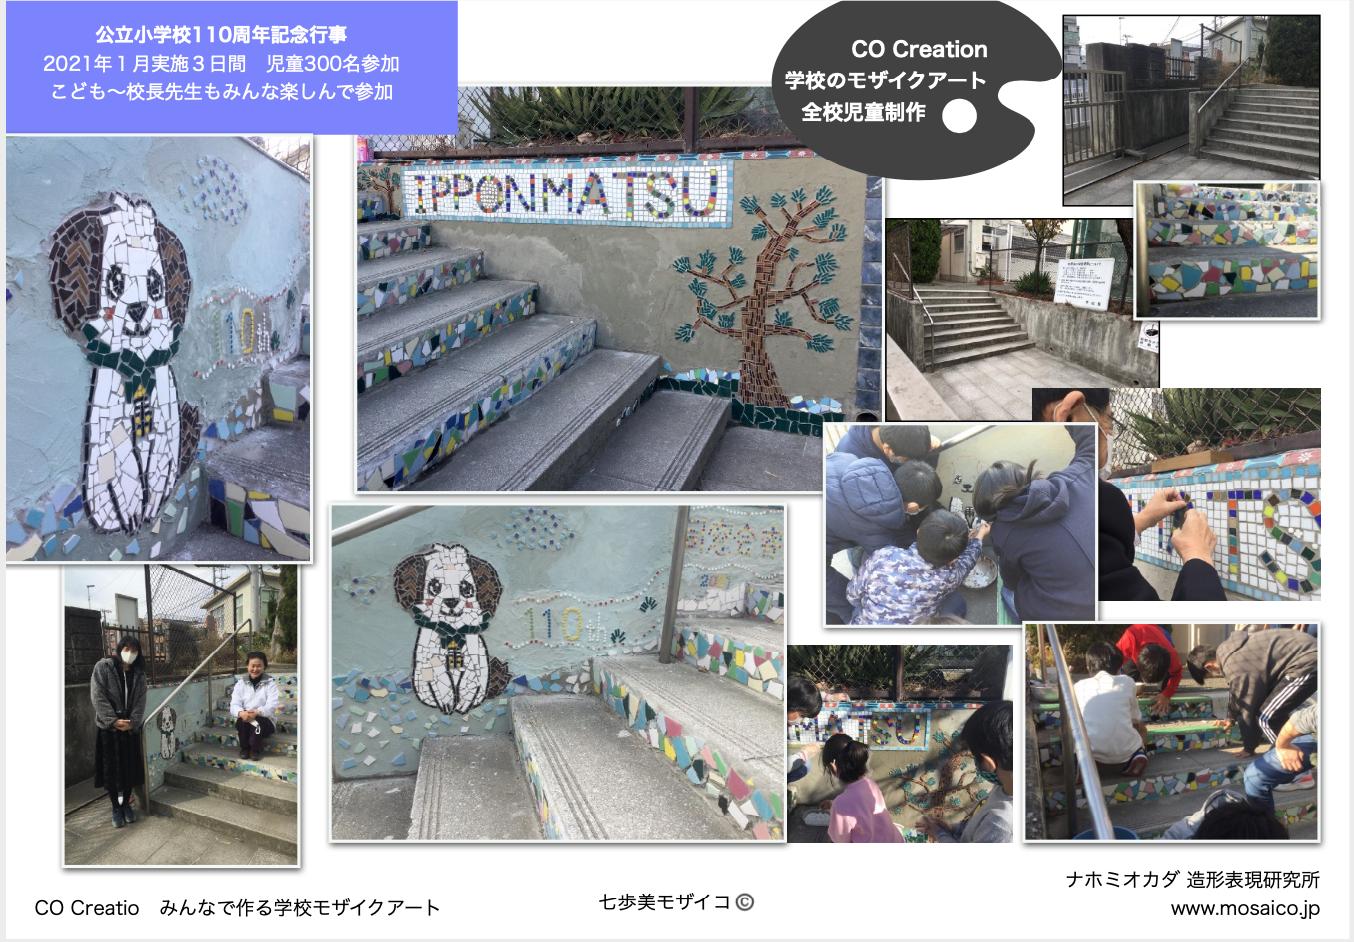 七歩美モザイコ ダウンロード資料 学校モザイクアート2021年公立小学校110周年記念行事